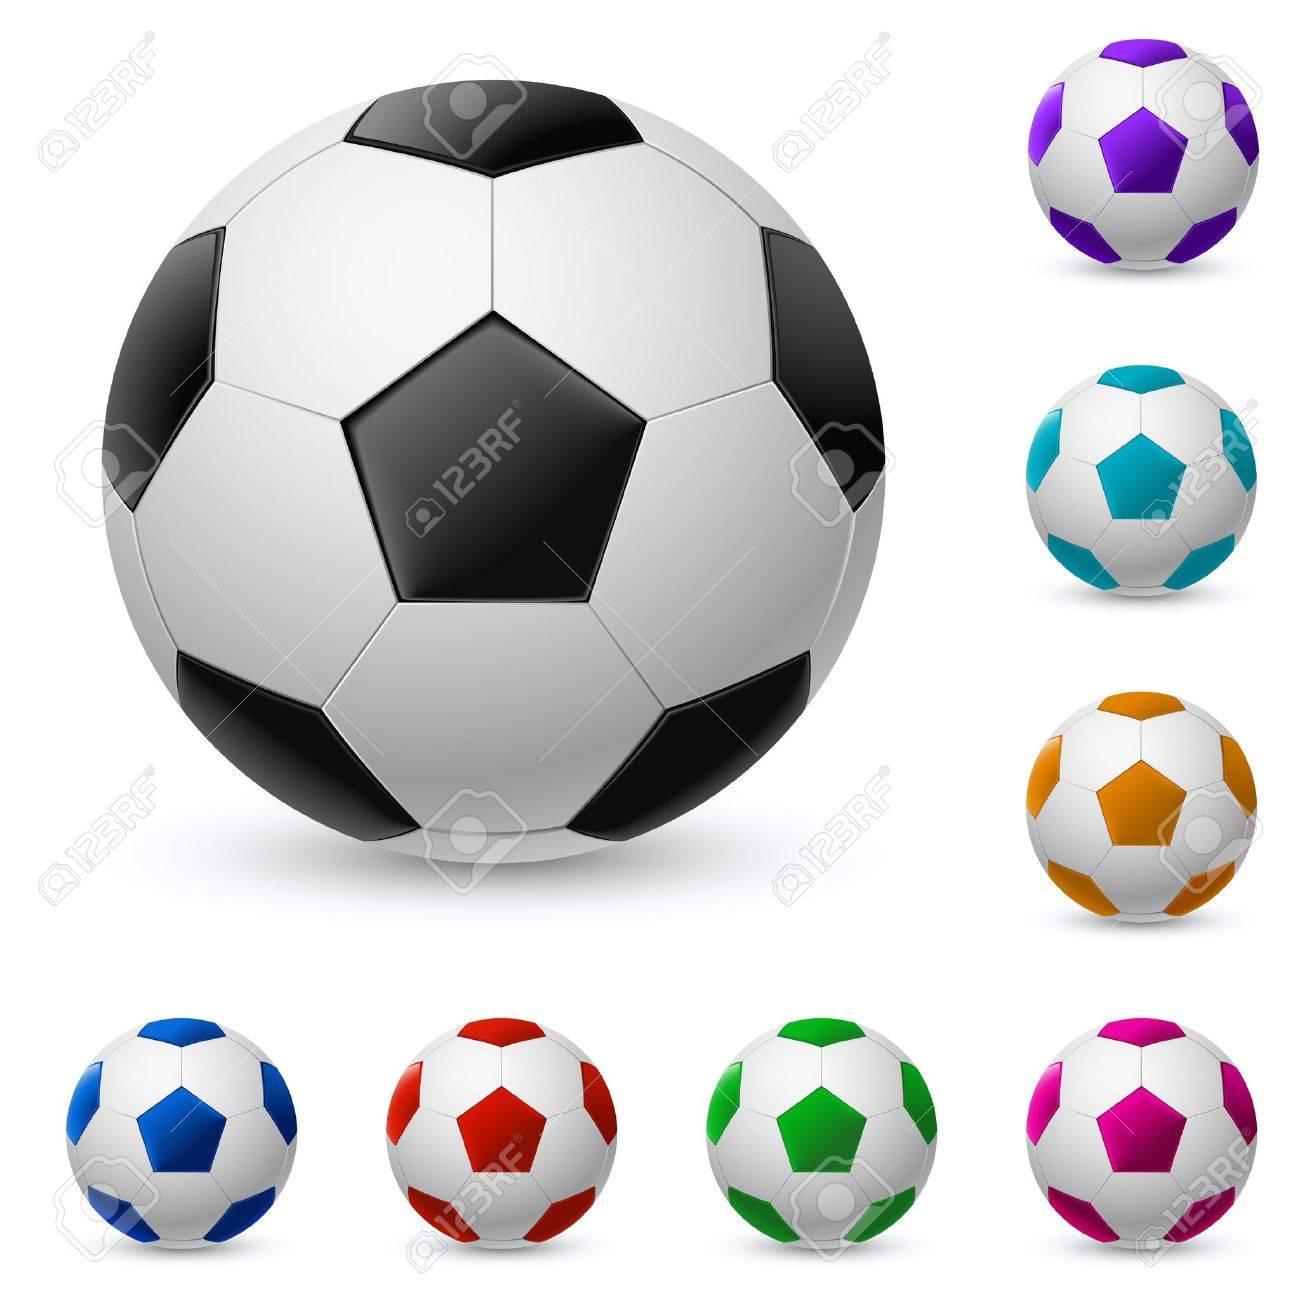 Balón de fútbol realista en diferentes colores. Ilustración sobre fondo  blanco Foto de archivo - e131b4b9894d7